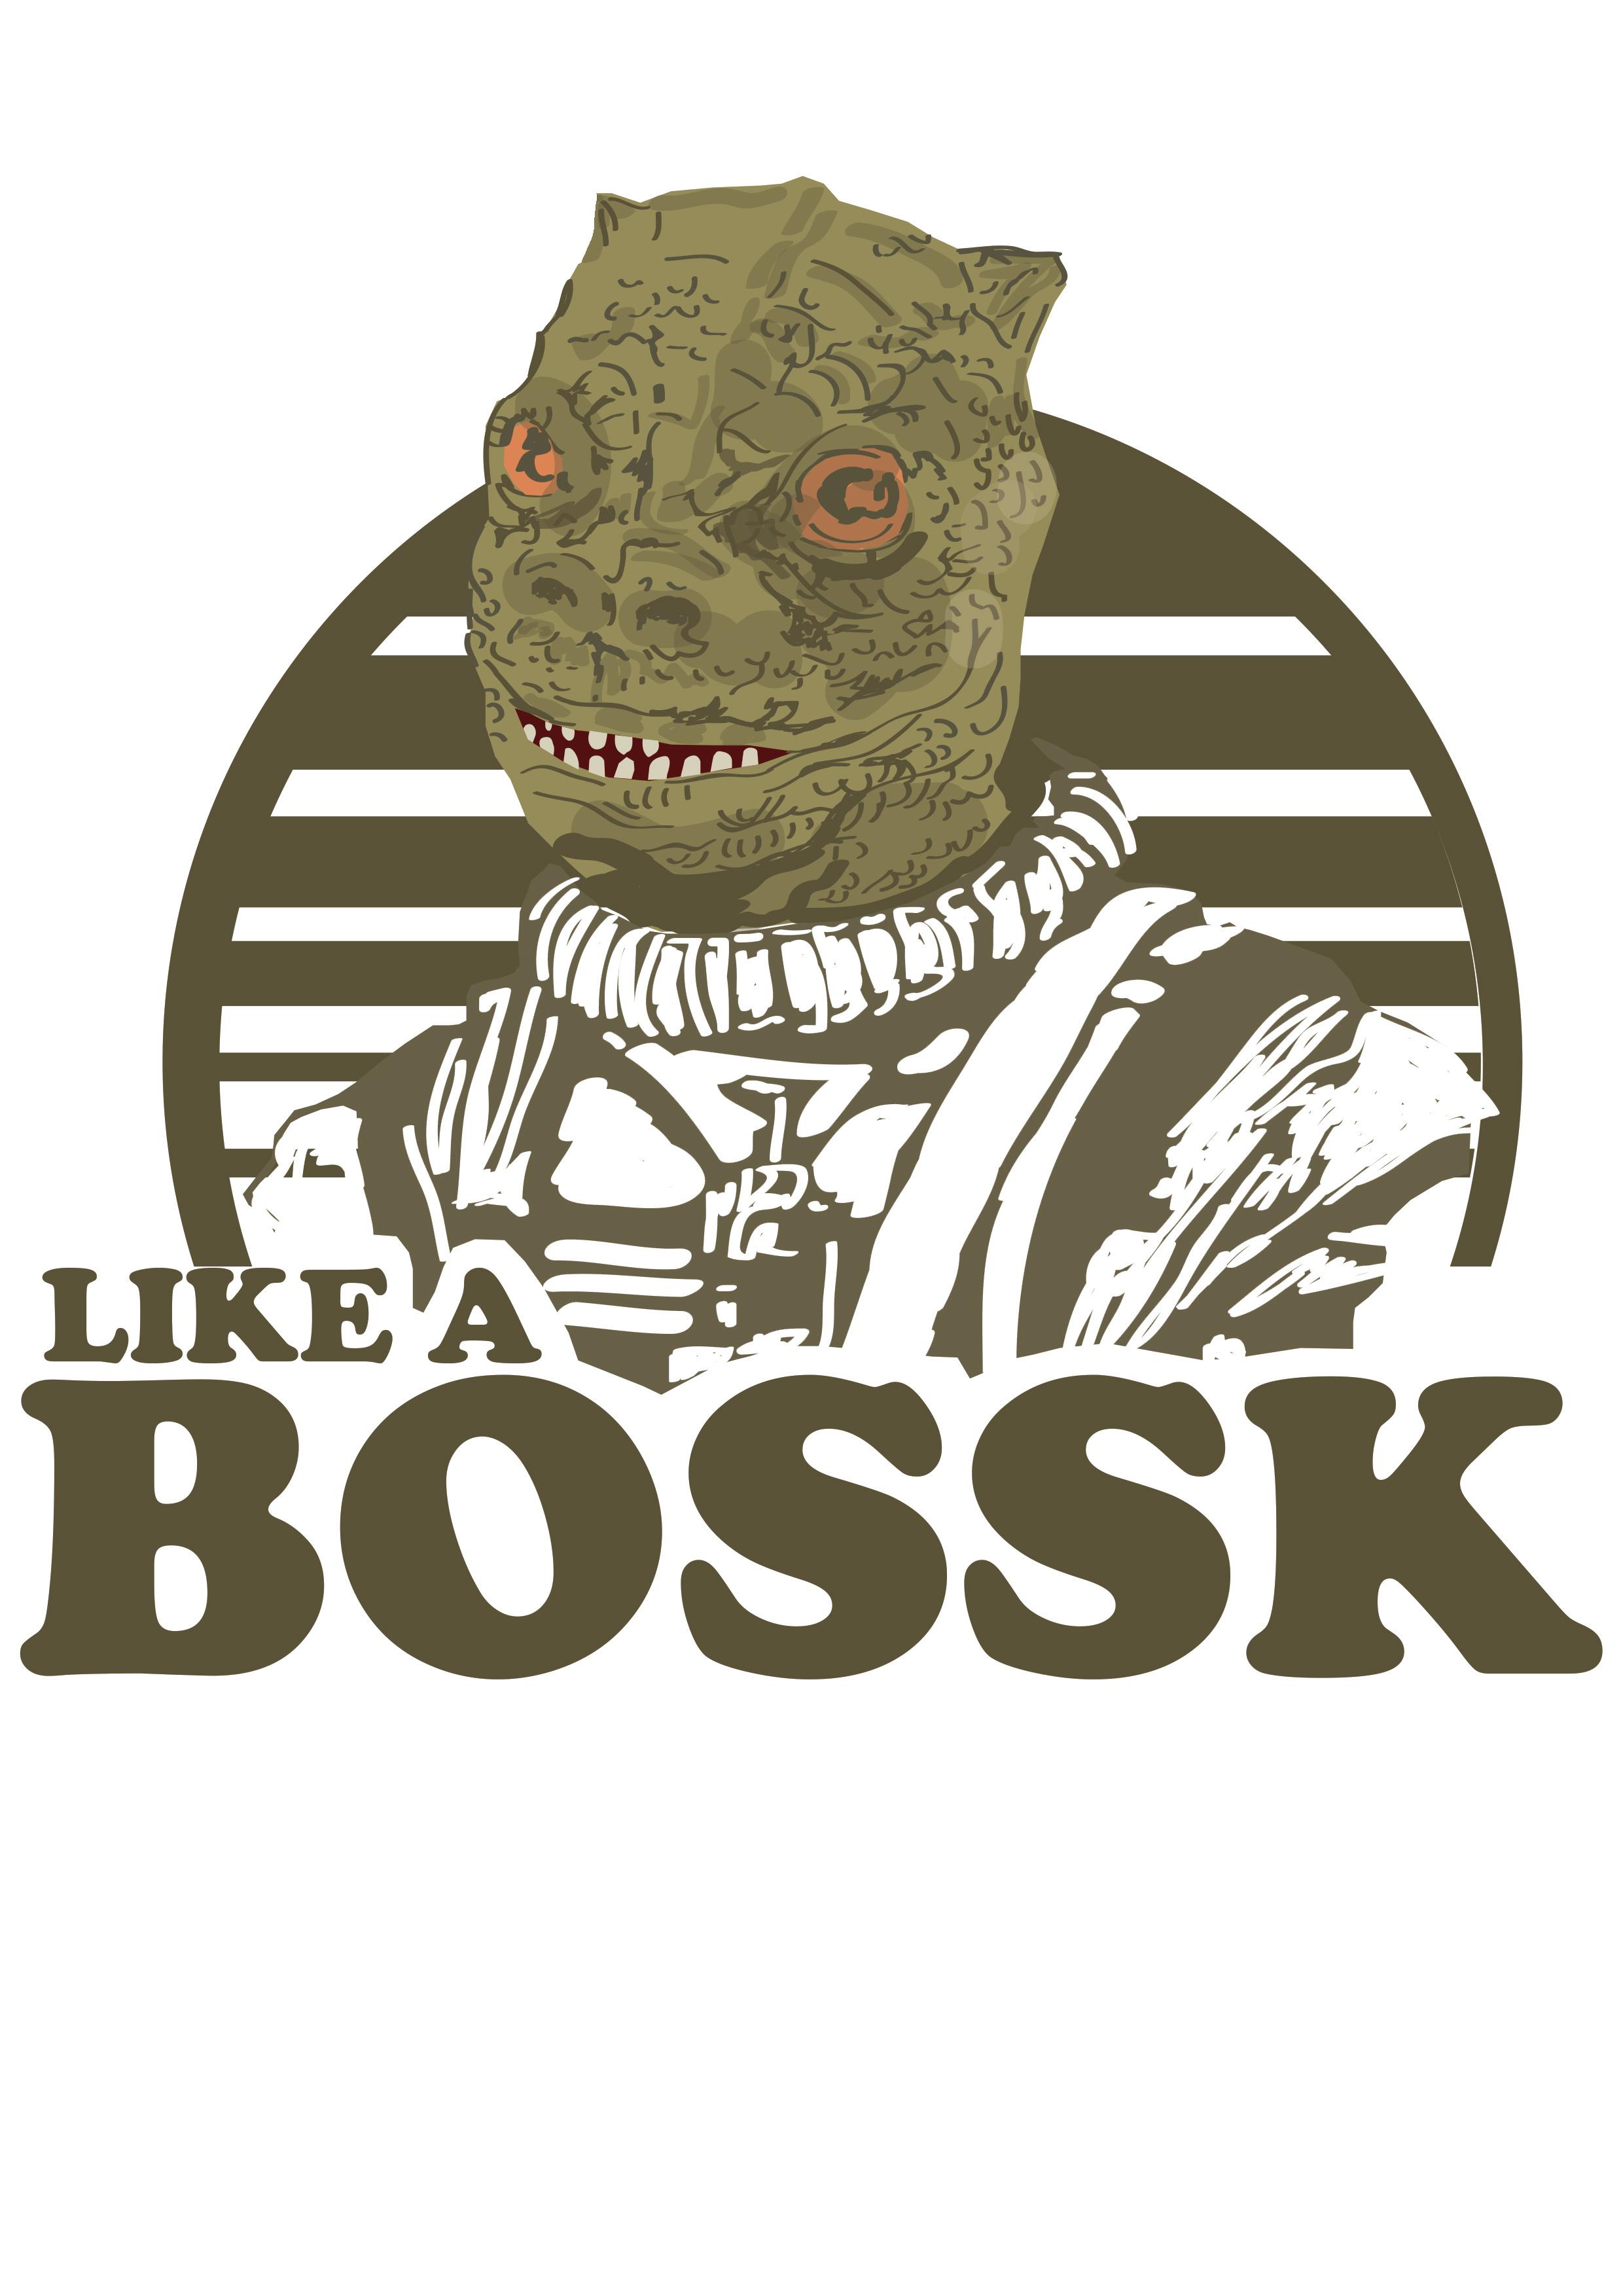 Like a Bossk